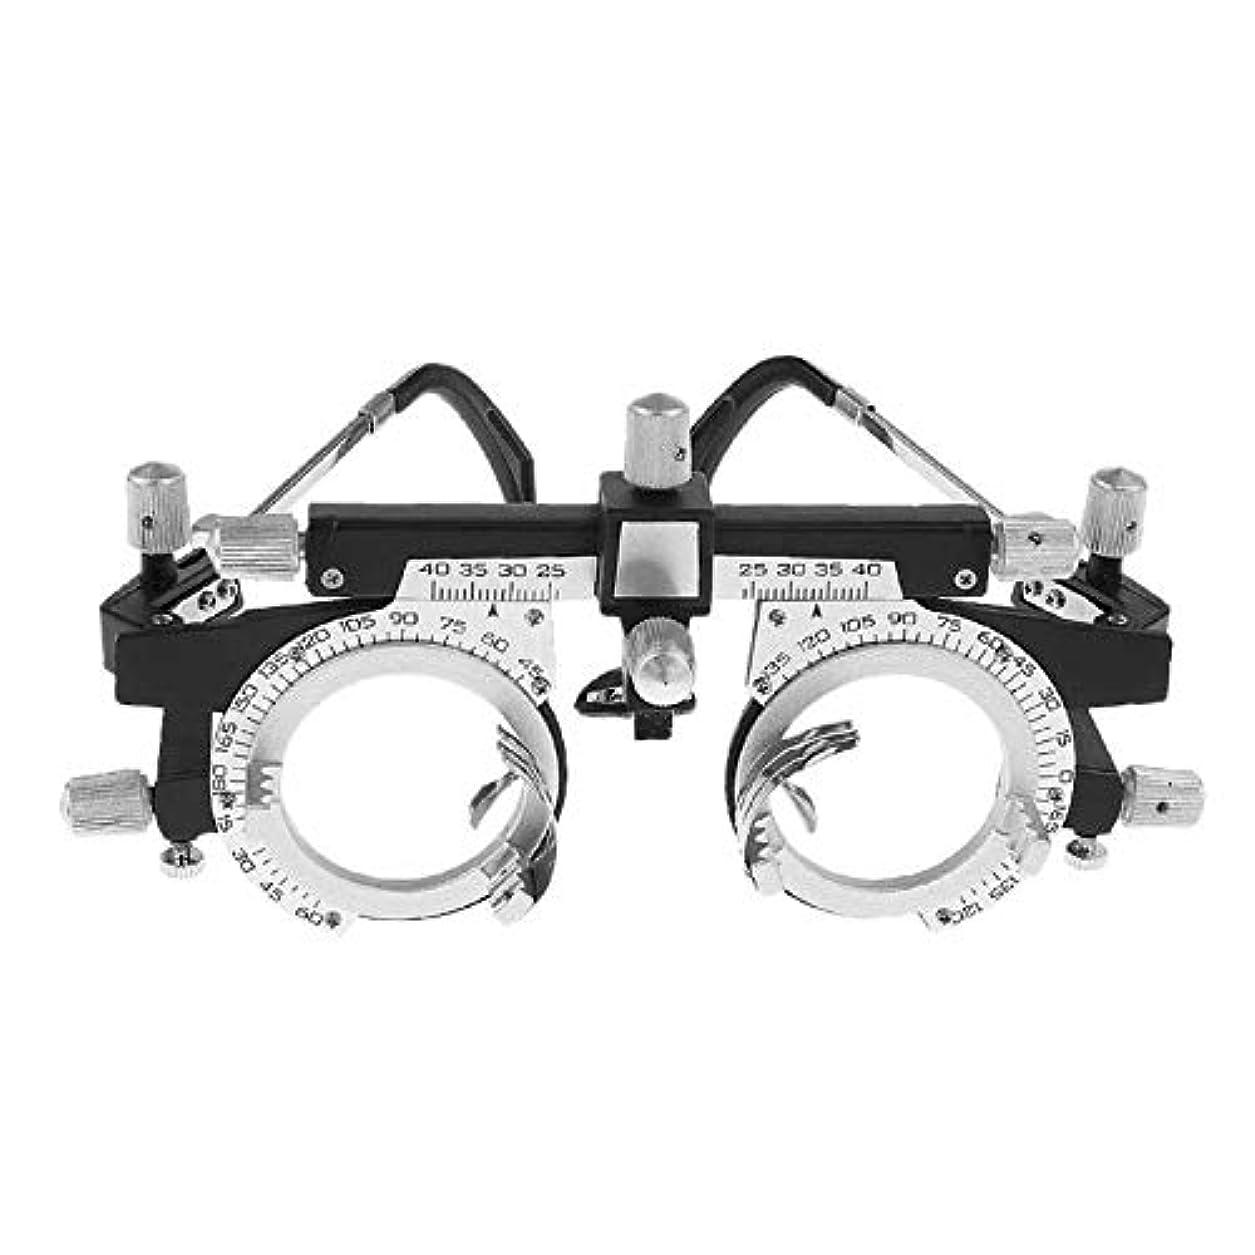 通り抜ける薬バナー調整可能なプロフェッショナルアイウェア検眼メタルフレーム光学眼鏡眼鏡トライアルレンズメタルフレームPD眼鏡アクセサリー-シルバー&ブラック